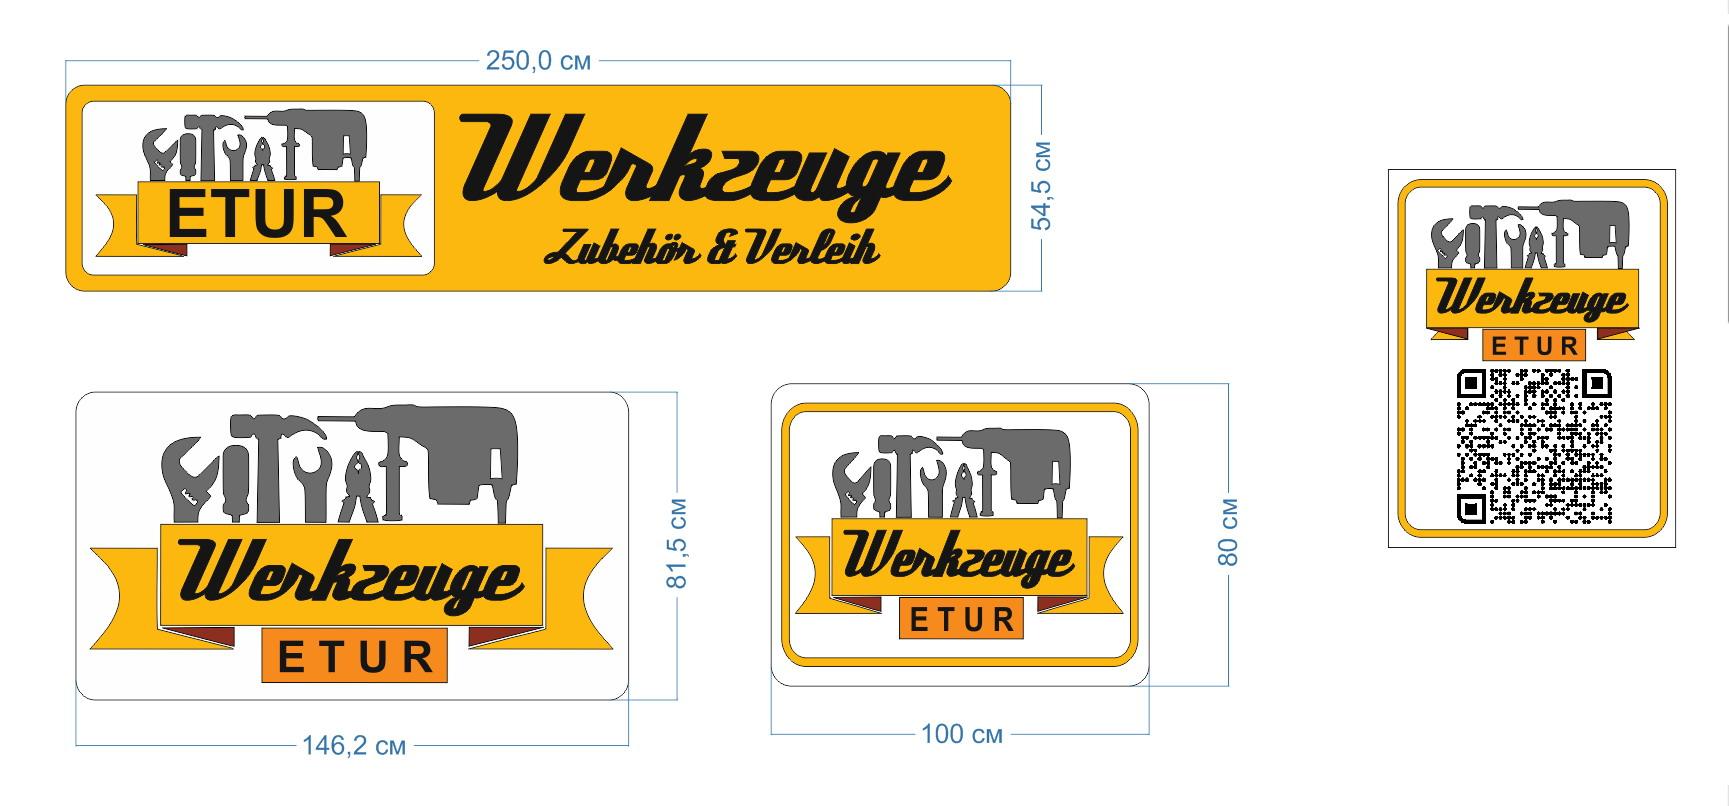 Фото Разработка логотипа и рекламных банеров для магазина инструментов, г. Берлин. Векторная графика.